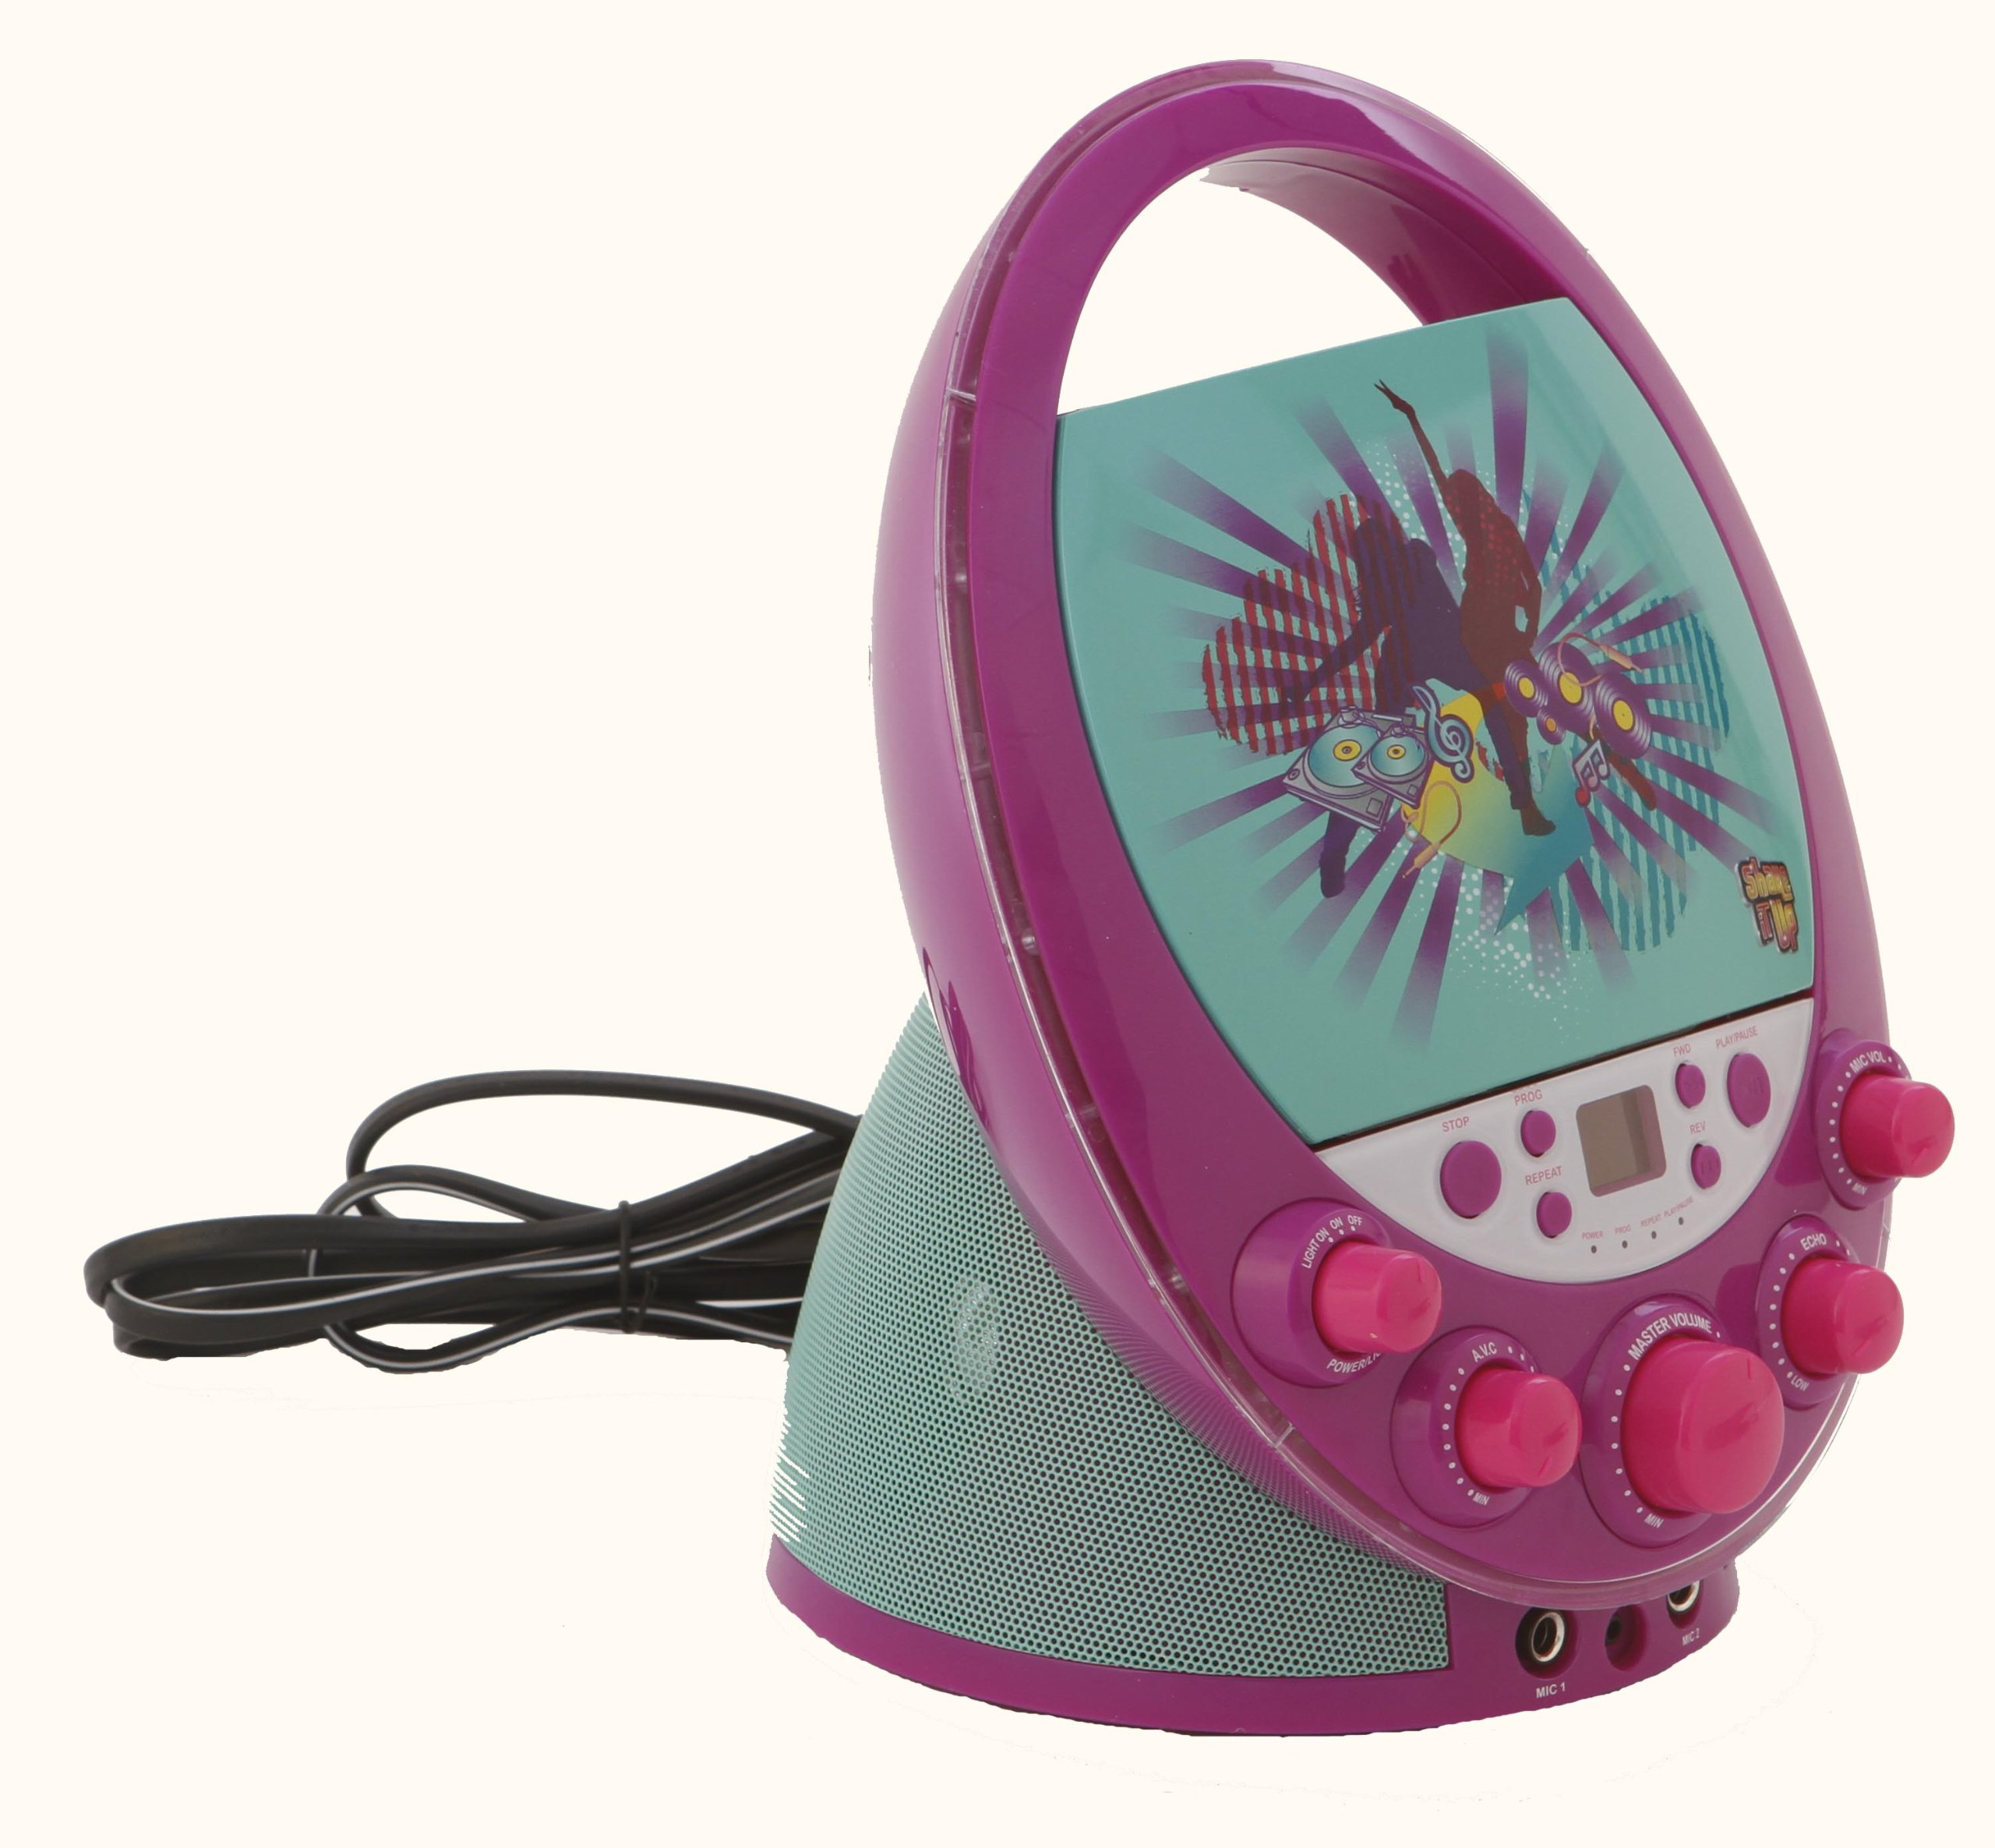 Karaoke System 66014 Shake it Up Karaoke Machine, Purple by Karaoke System (Image #5)